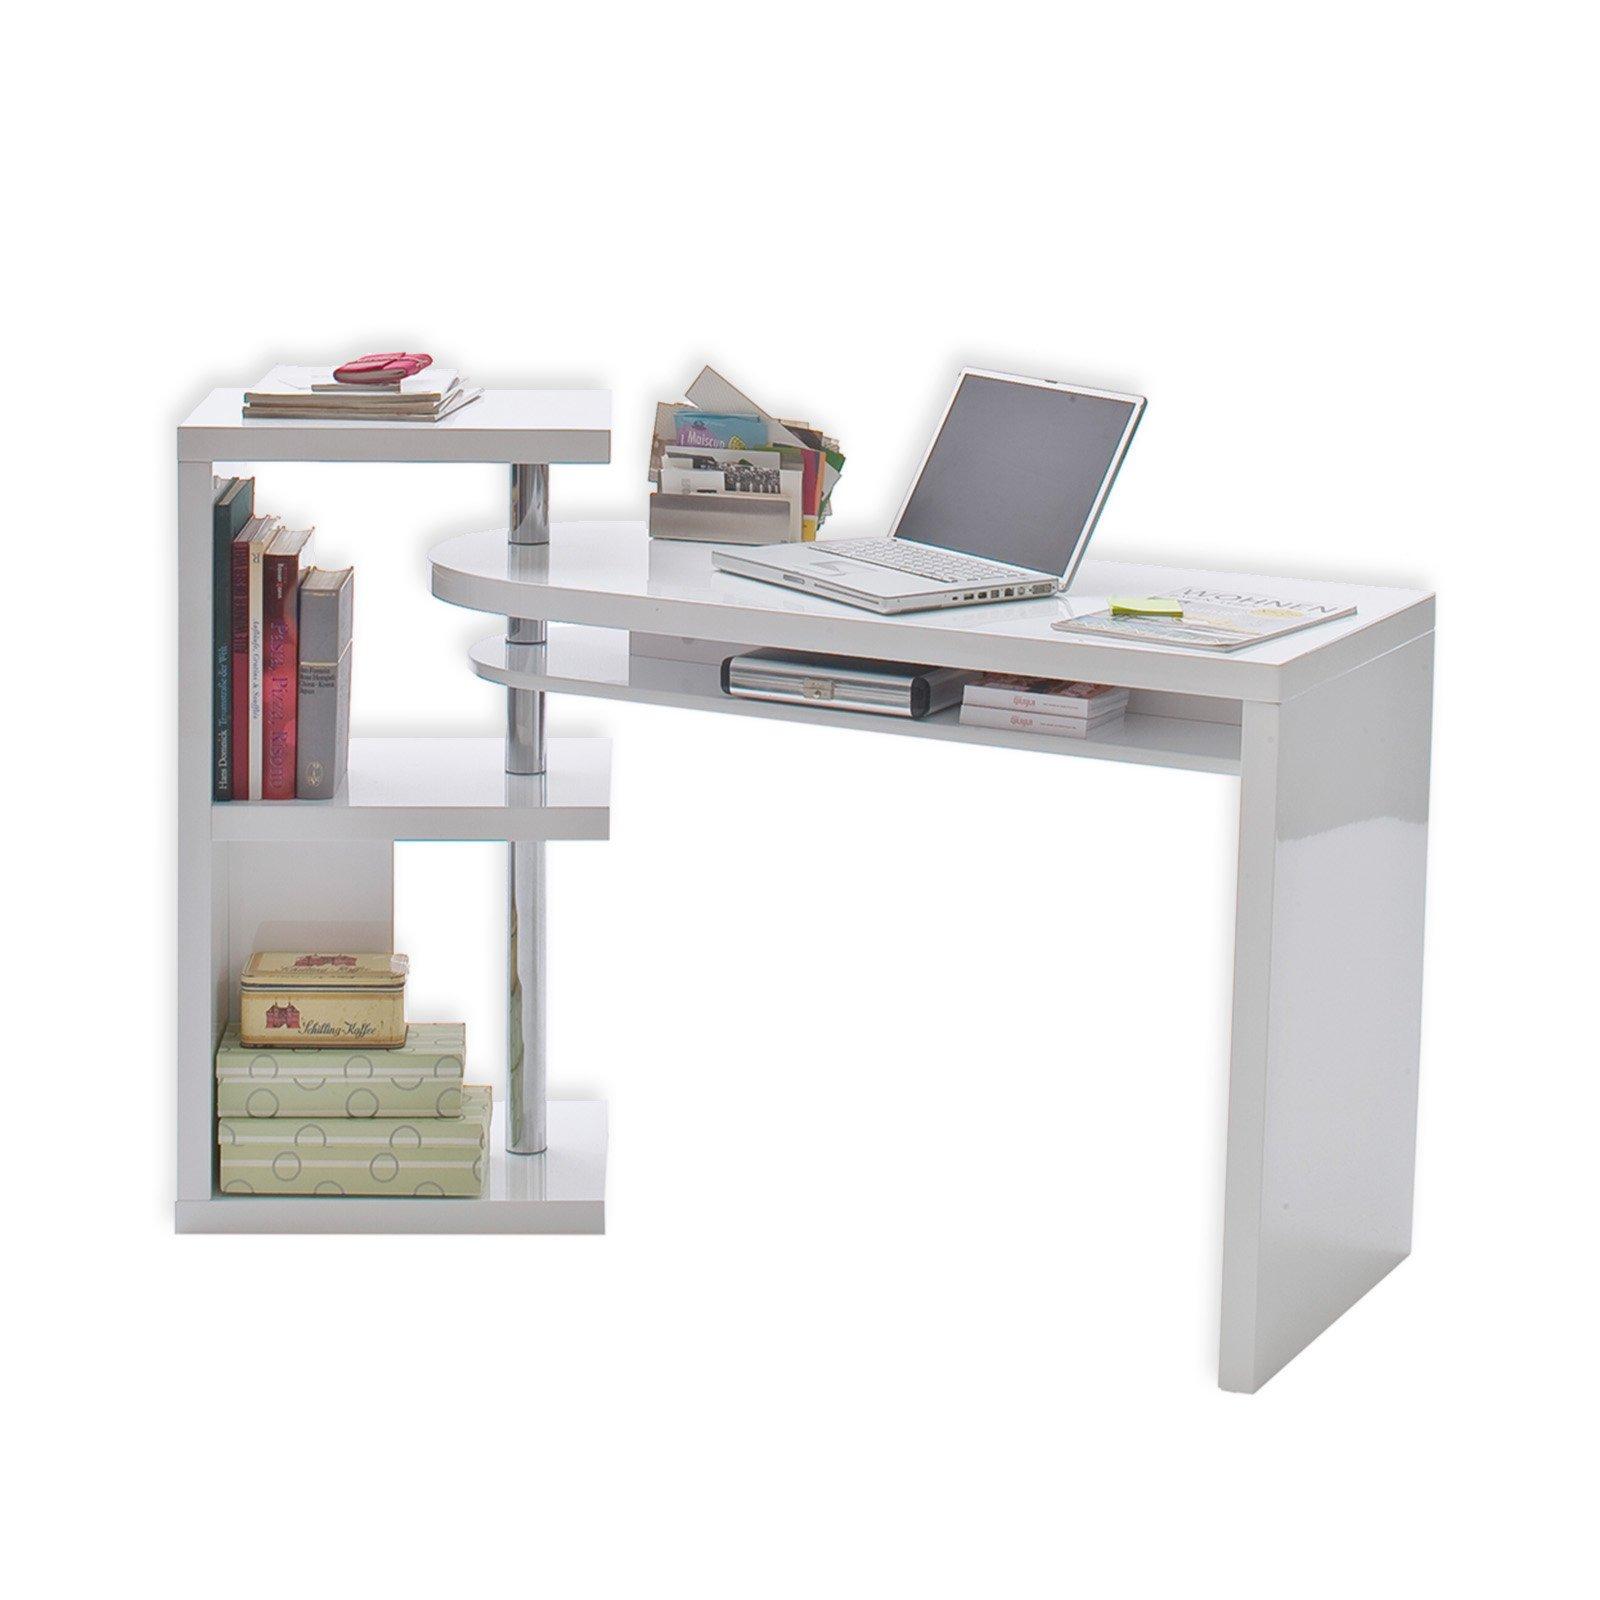 Schreibtischplatte weiß  Schreibtisch MATTIS - weiß - hochglanz - schwenkbar ...